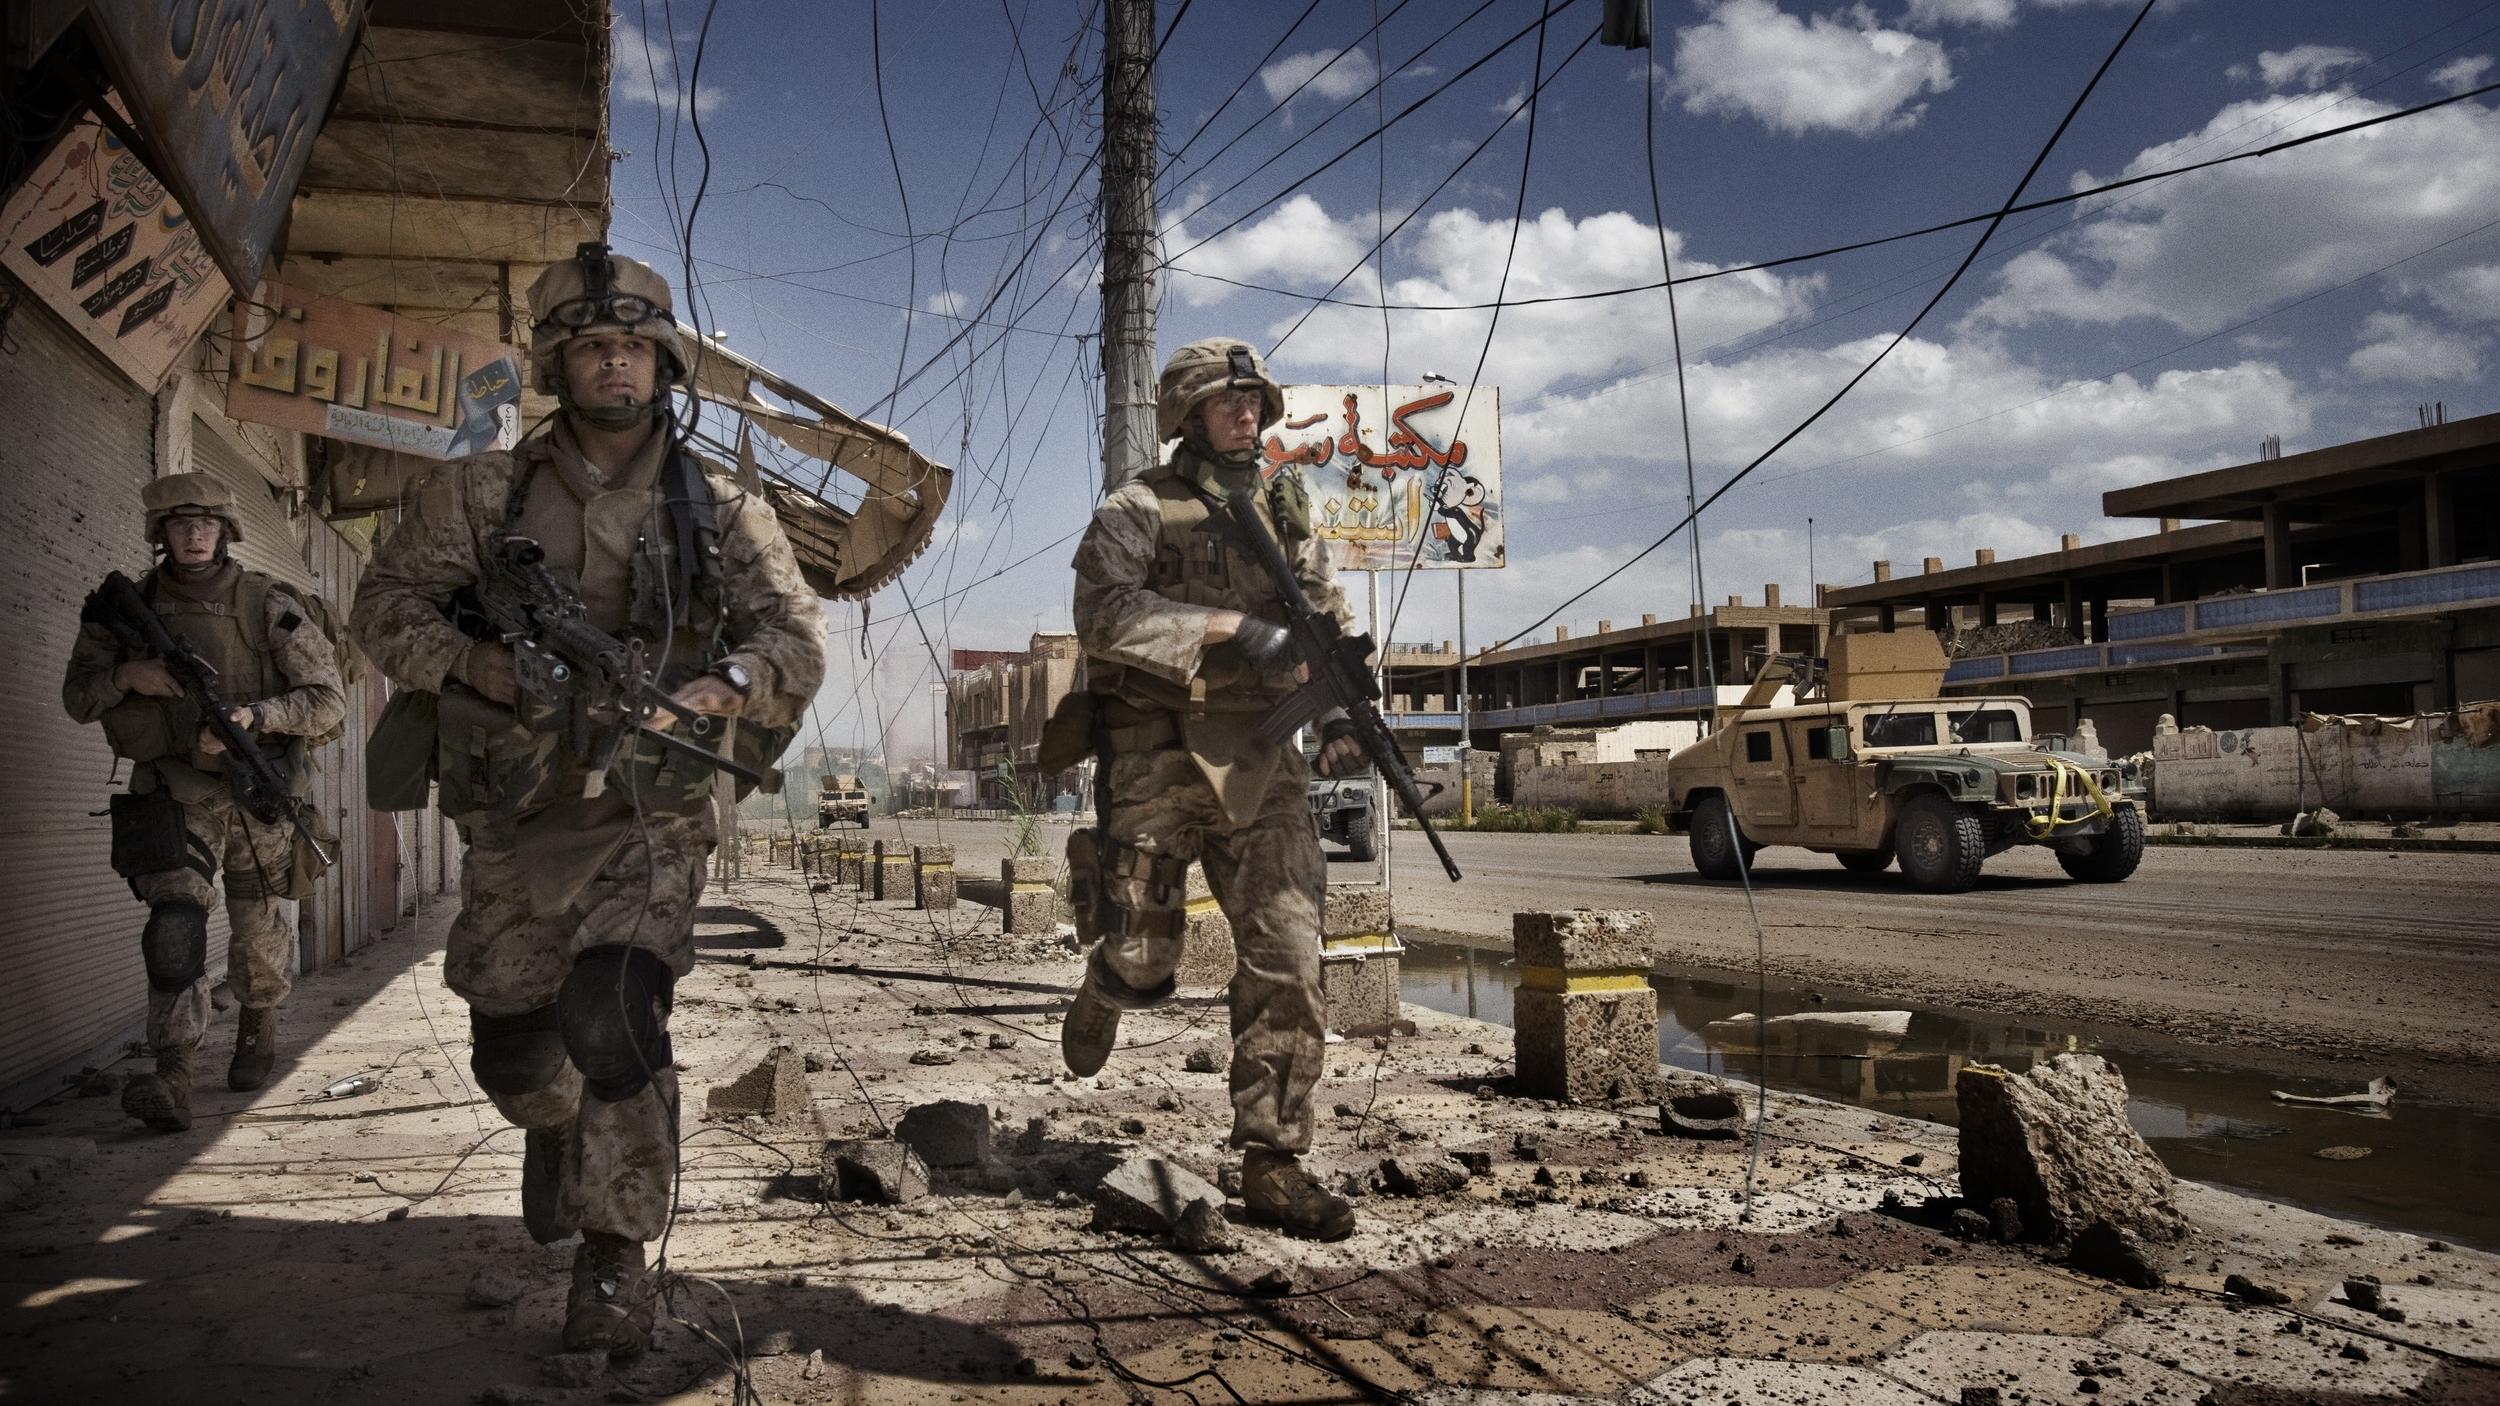 Only The Dead 19 - Credit Yuri Kosyrev _ Noor Images_U.S. Troops on patrol in Ramadi.jpg